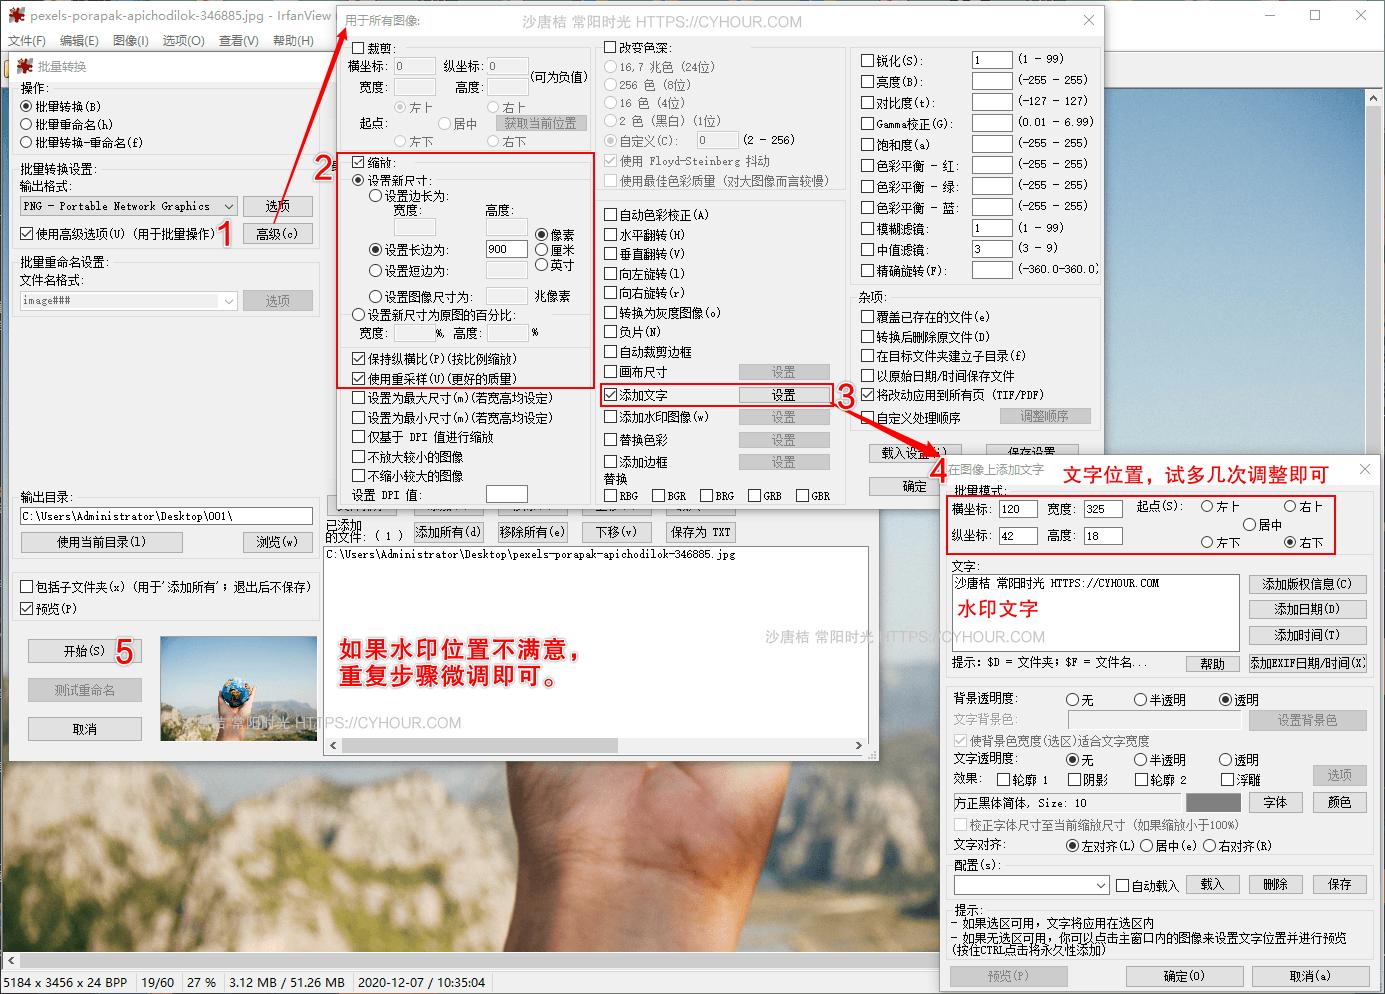 使用 IrfanView 看图 / 批量处理图片添加水印、缩放、裁剪-垃圾站